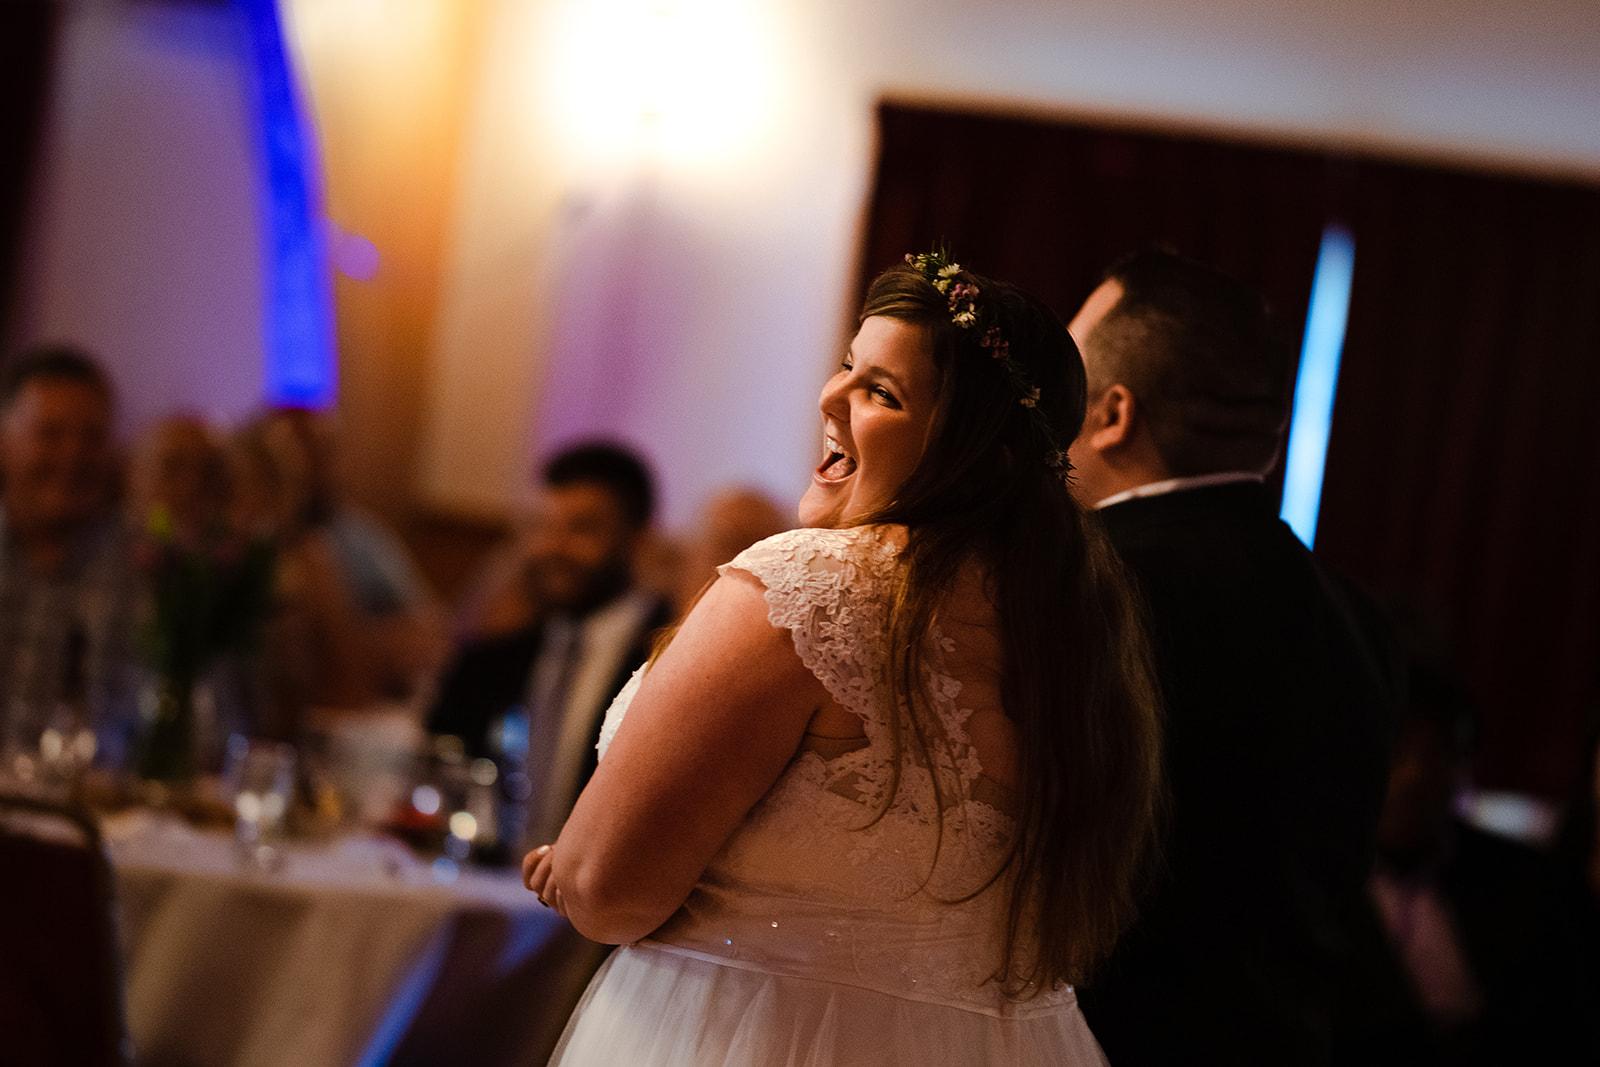 coastal wedding plus size couple rockland maine vesper hill childrens chapel 51